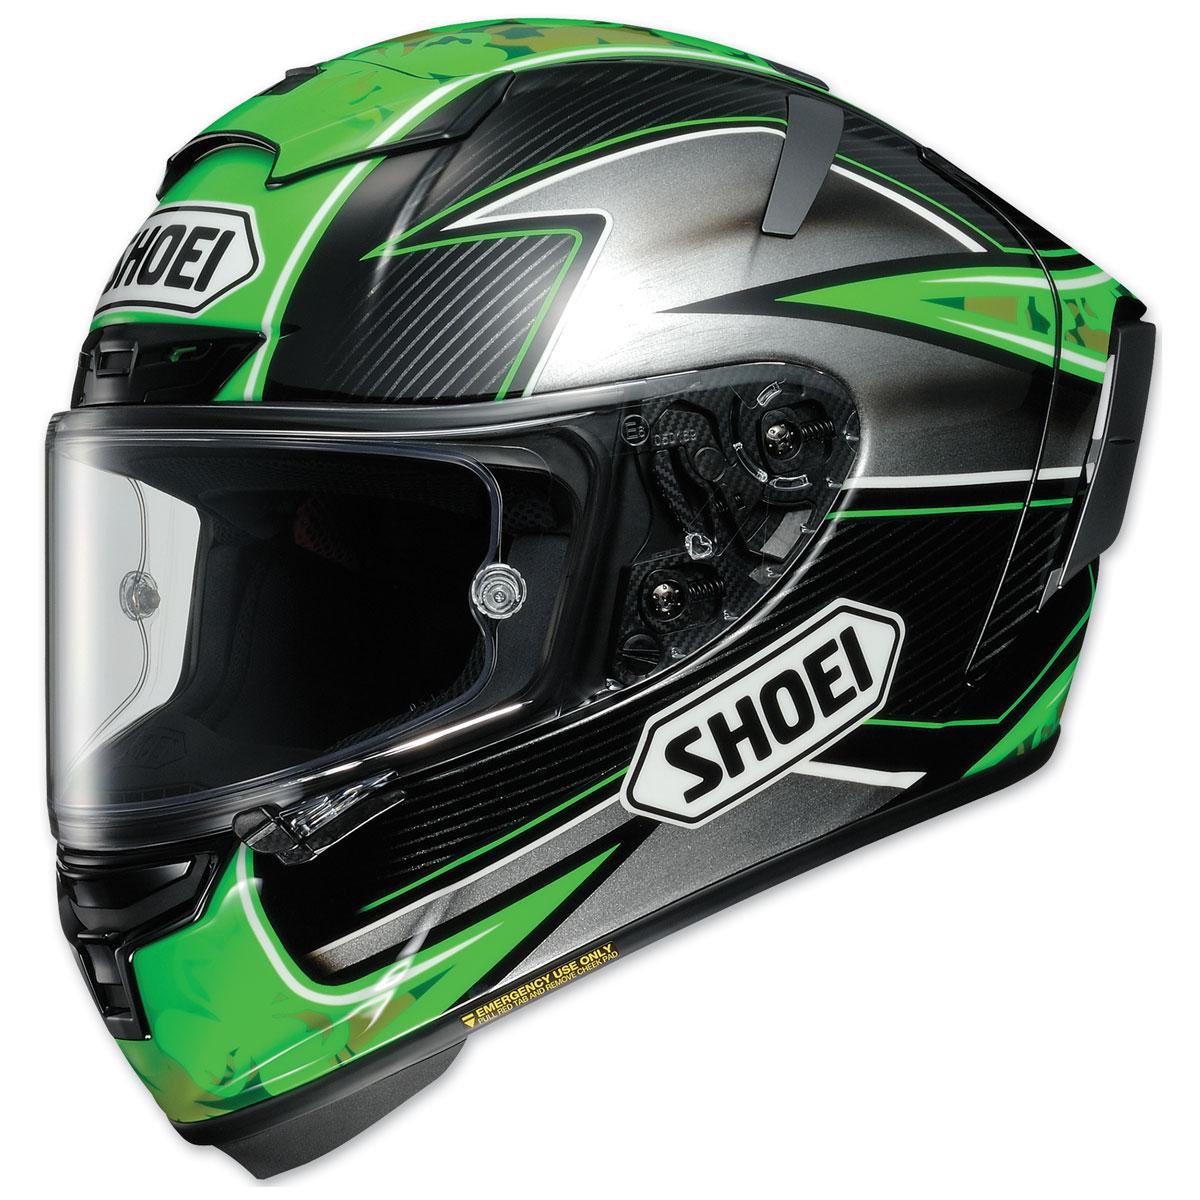 Shoei X-Fourteen Laverty Green Full Face Helmet